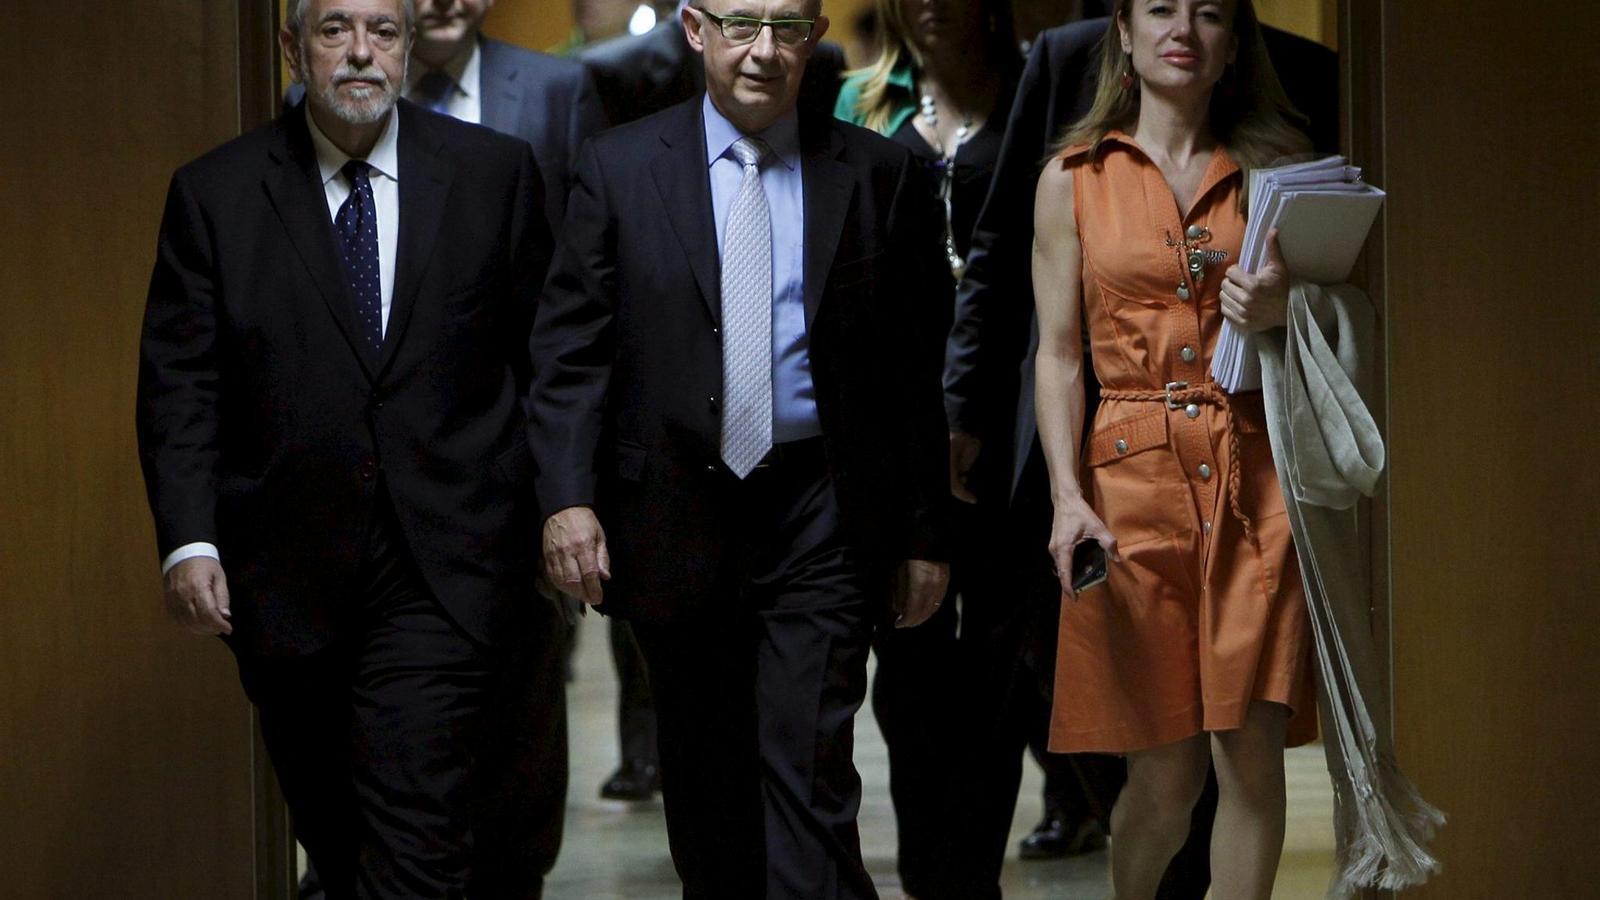 MADRID VOL MARCAR EL PAS  L'equip d'Hisenda, presidit per Montoro, es mostra inflexible amb les demandes de Catalunya, com es va veure al Consell de Política Fiscal i Financera.